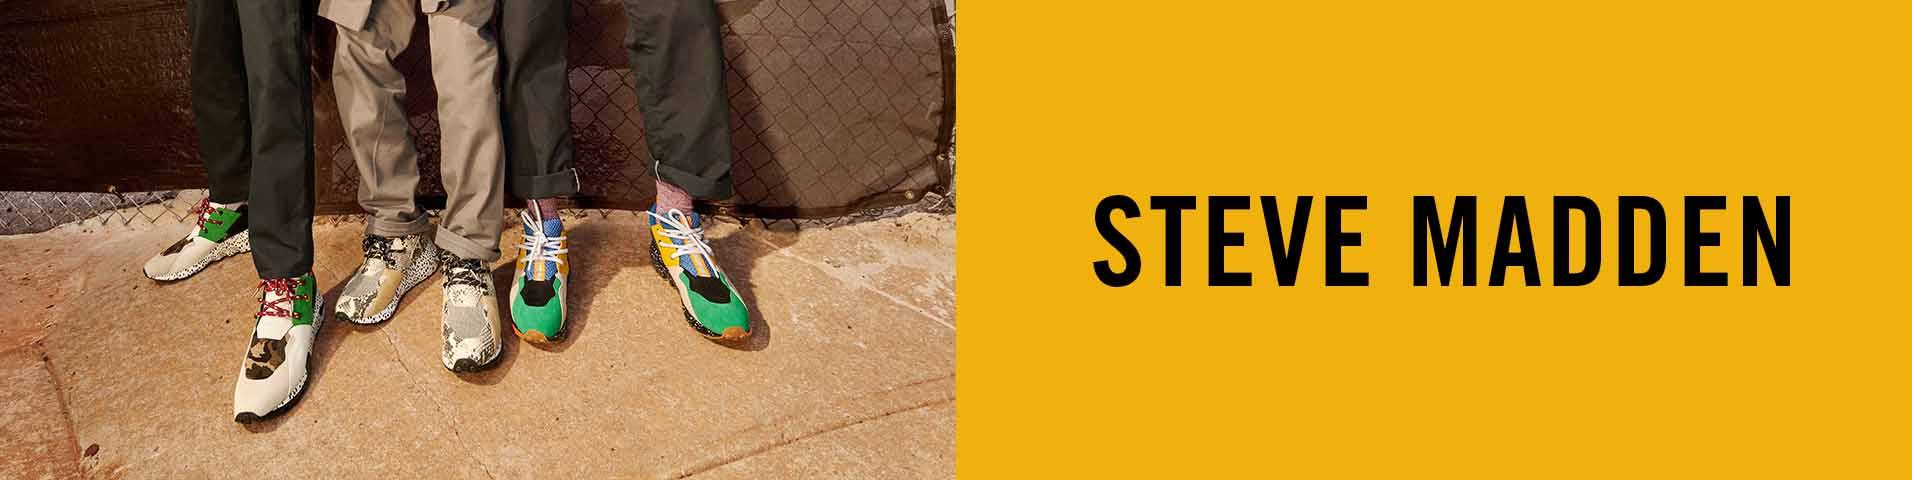 Steve Madden Herrenmode Online Shop Alles für Männer | ZALANDO